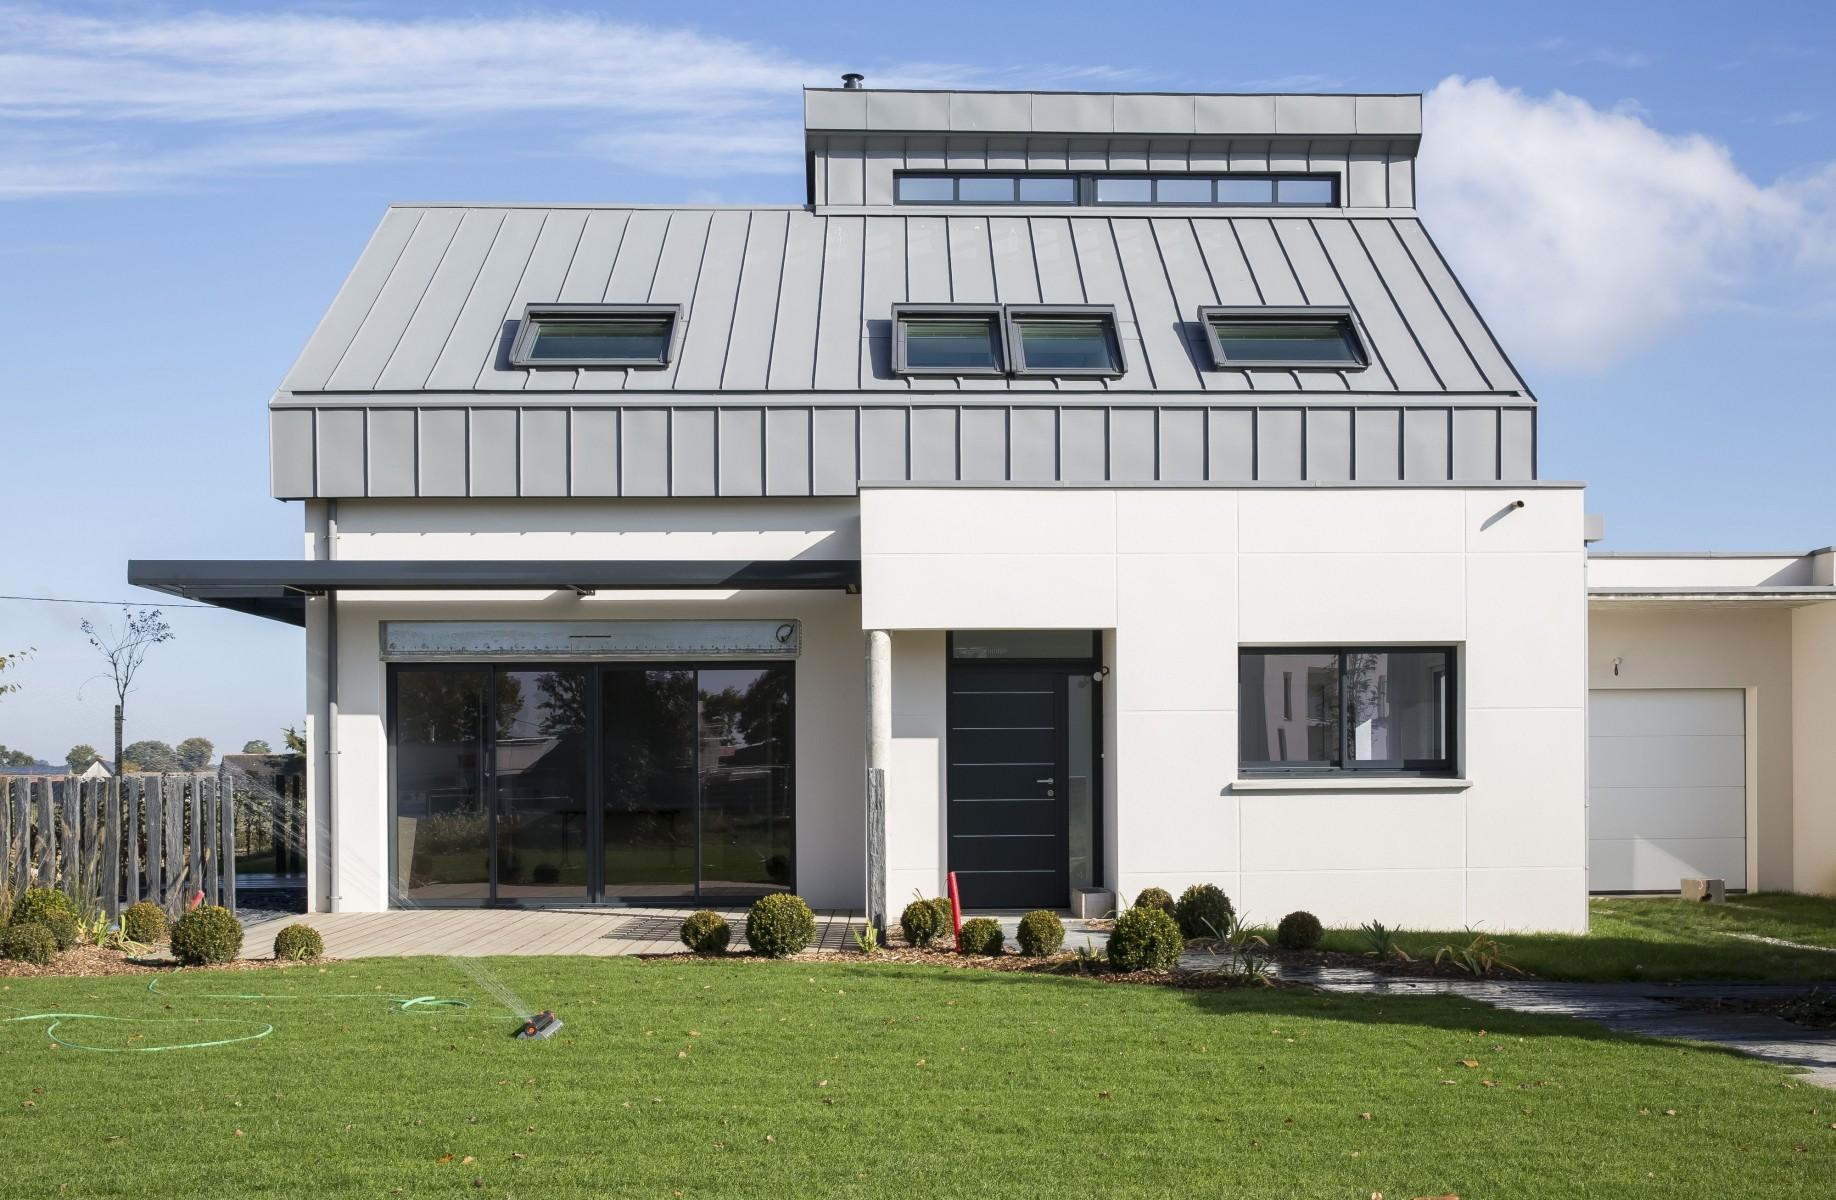 La vision velux de l habitat de demain inspire le for Les constructeurs de maisons individuelles